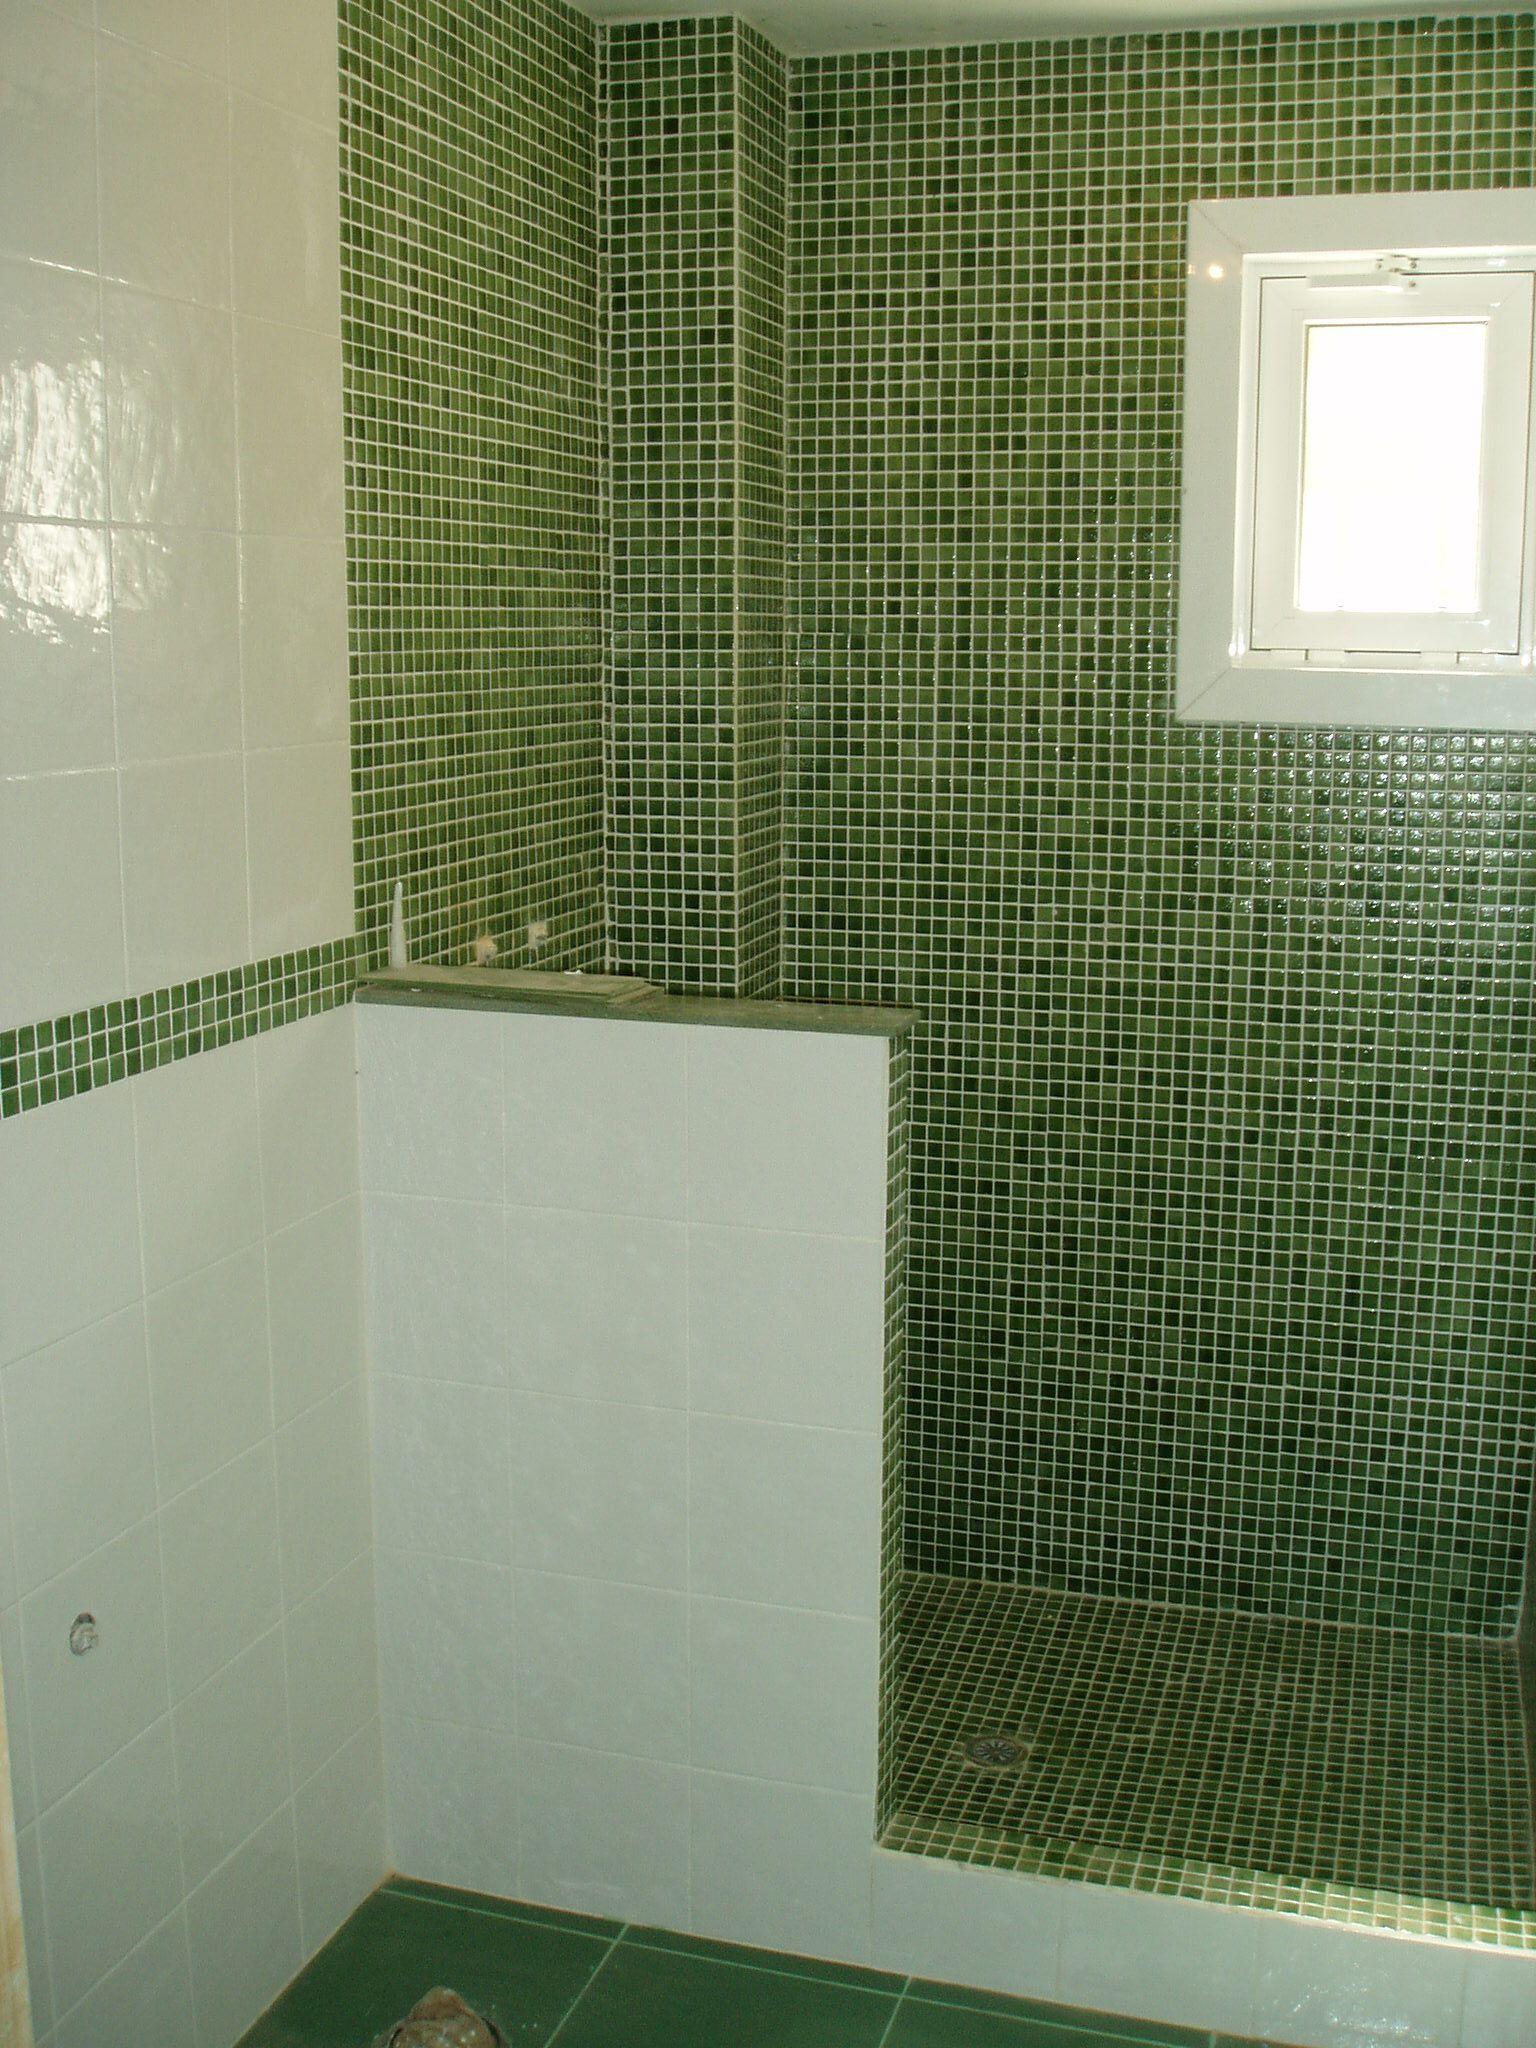 Ba o gresite verde en combinaci n con azulejo blanco - Azulejos para duchas de obra ...